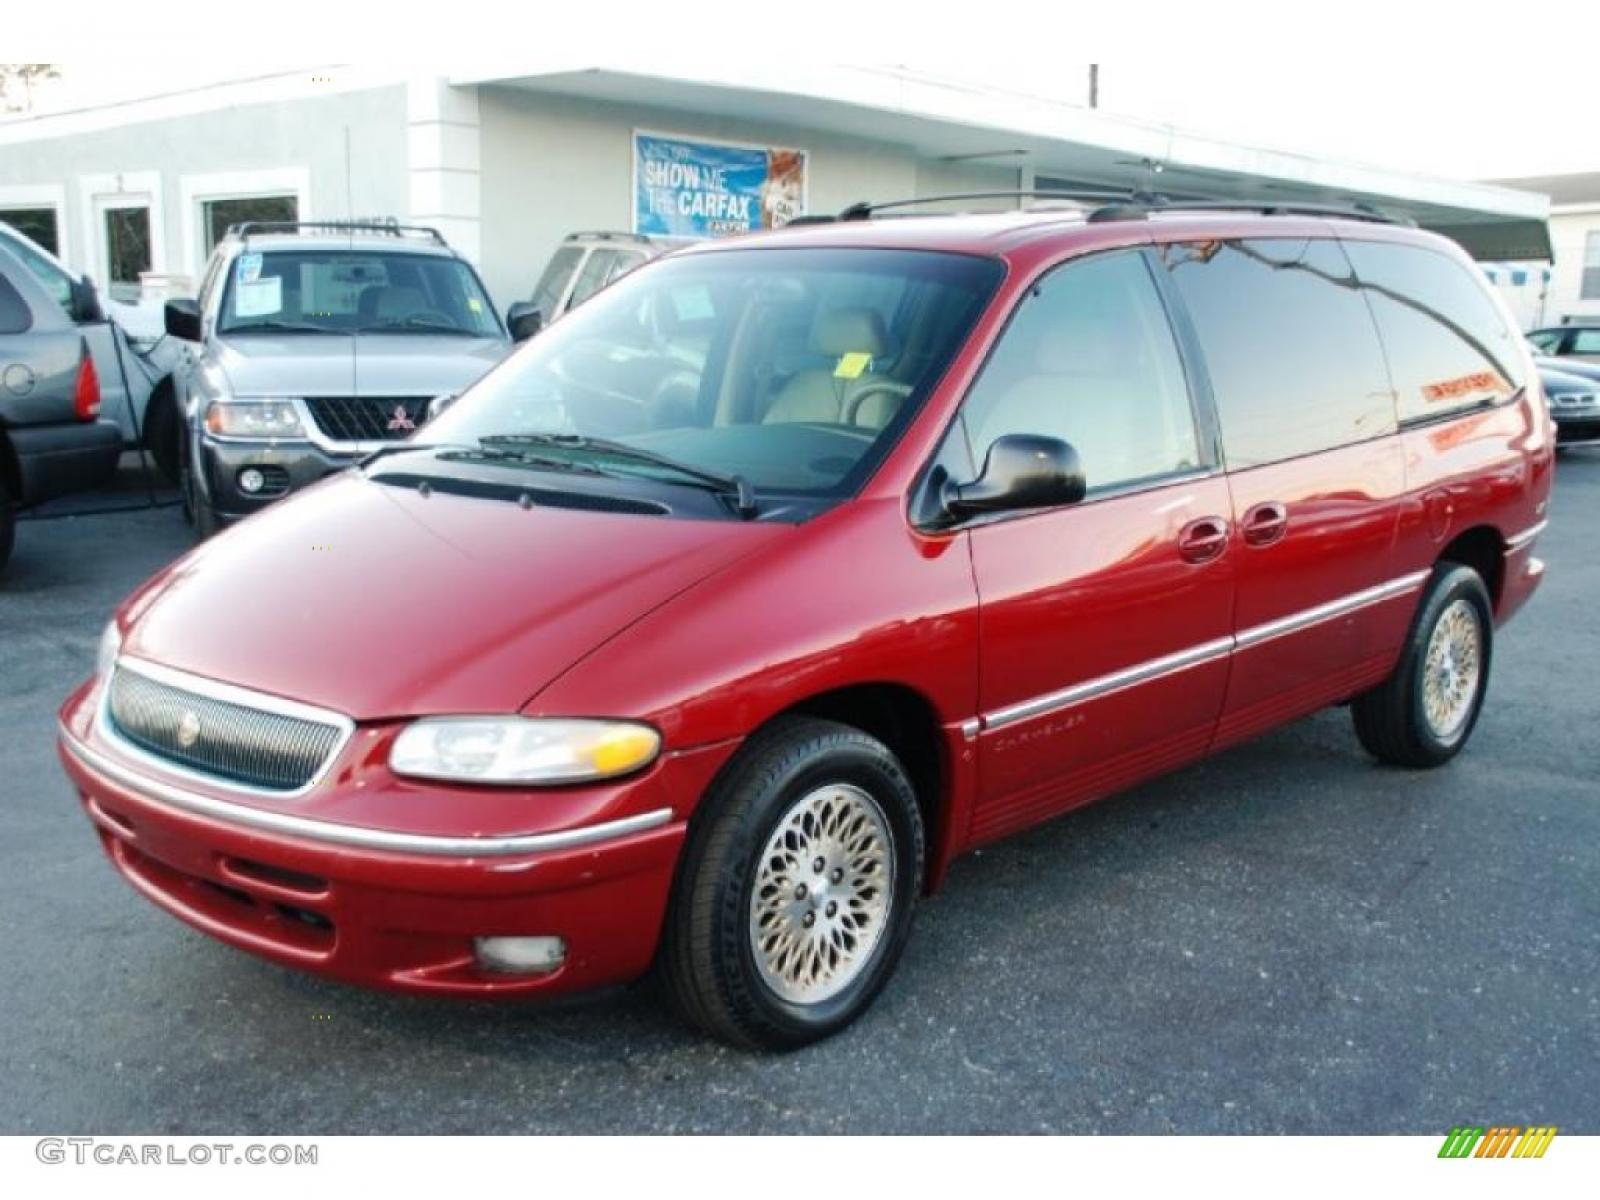 800 1024 1280 1600 Origin 1997 Chrysler